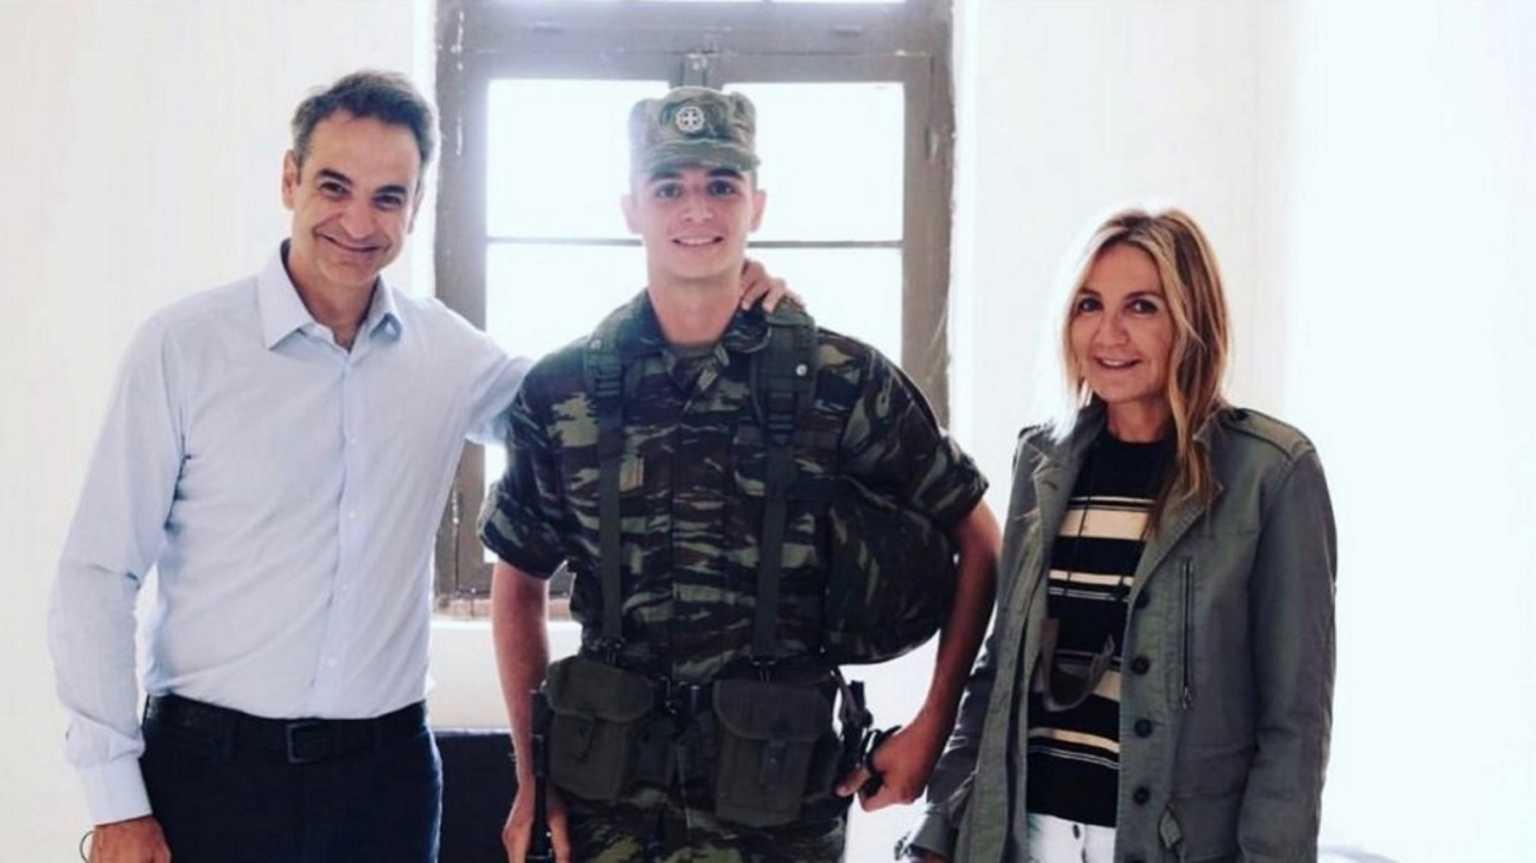 Κωνσταντίνος Μητσοτάκης: Θητεία τέλος – Απολύθηκε από τον στρατό